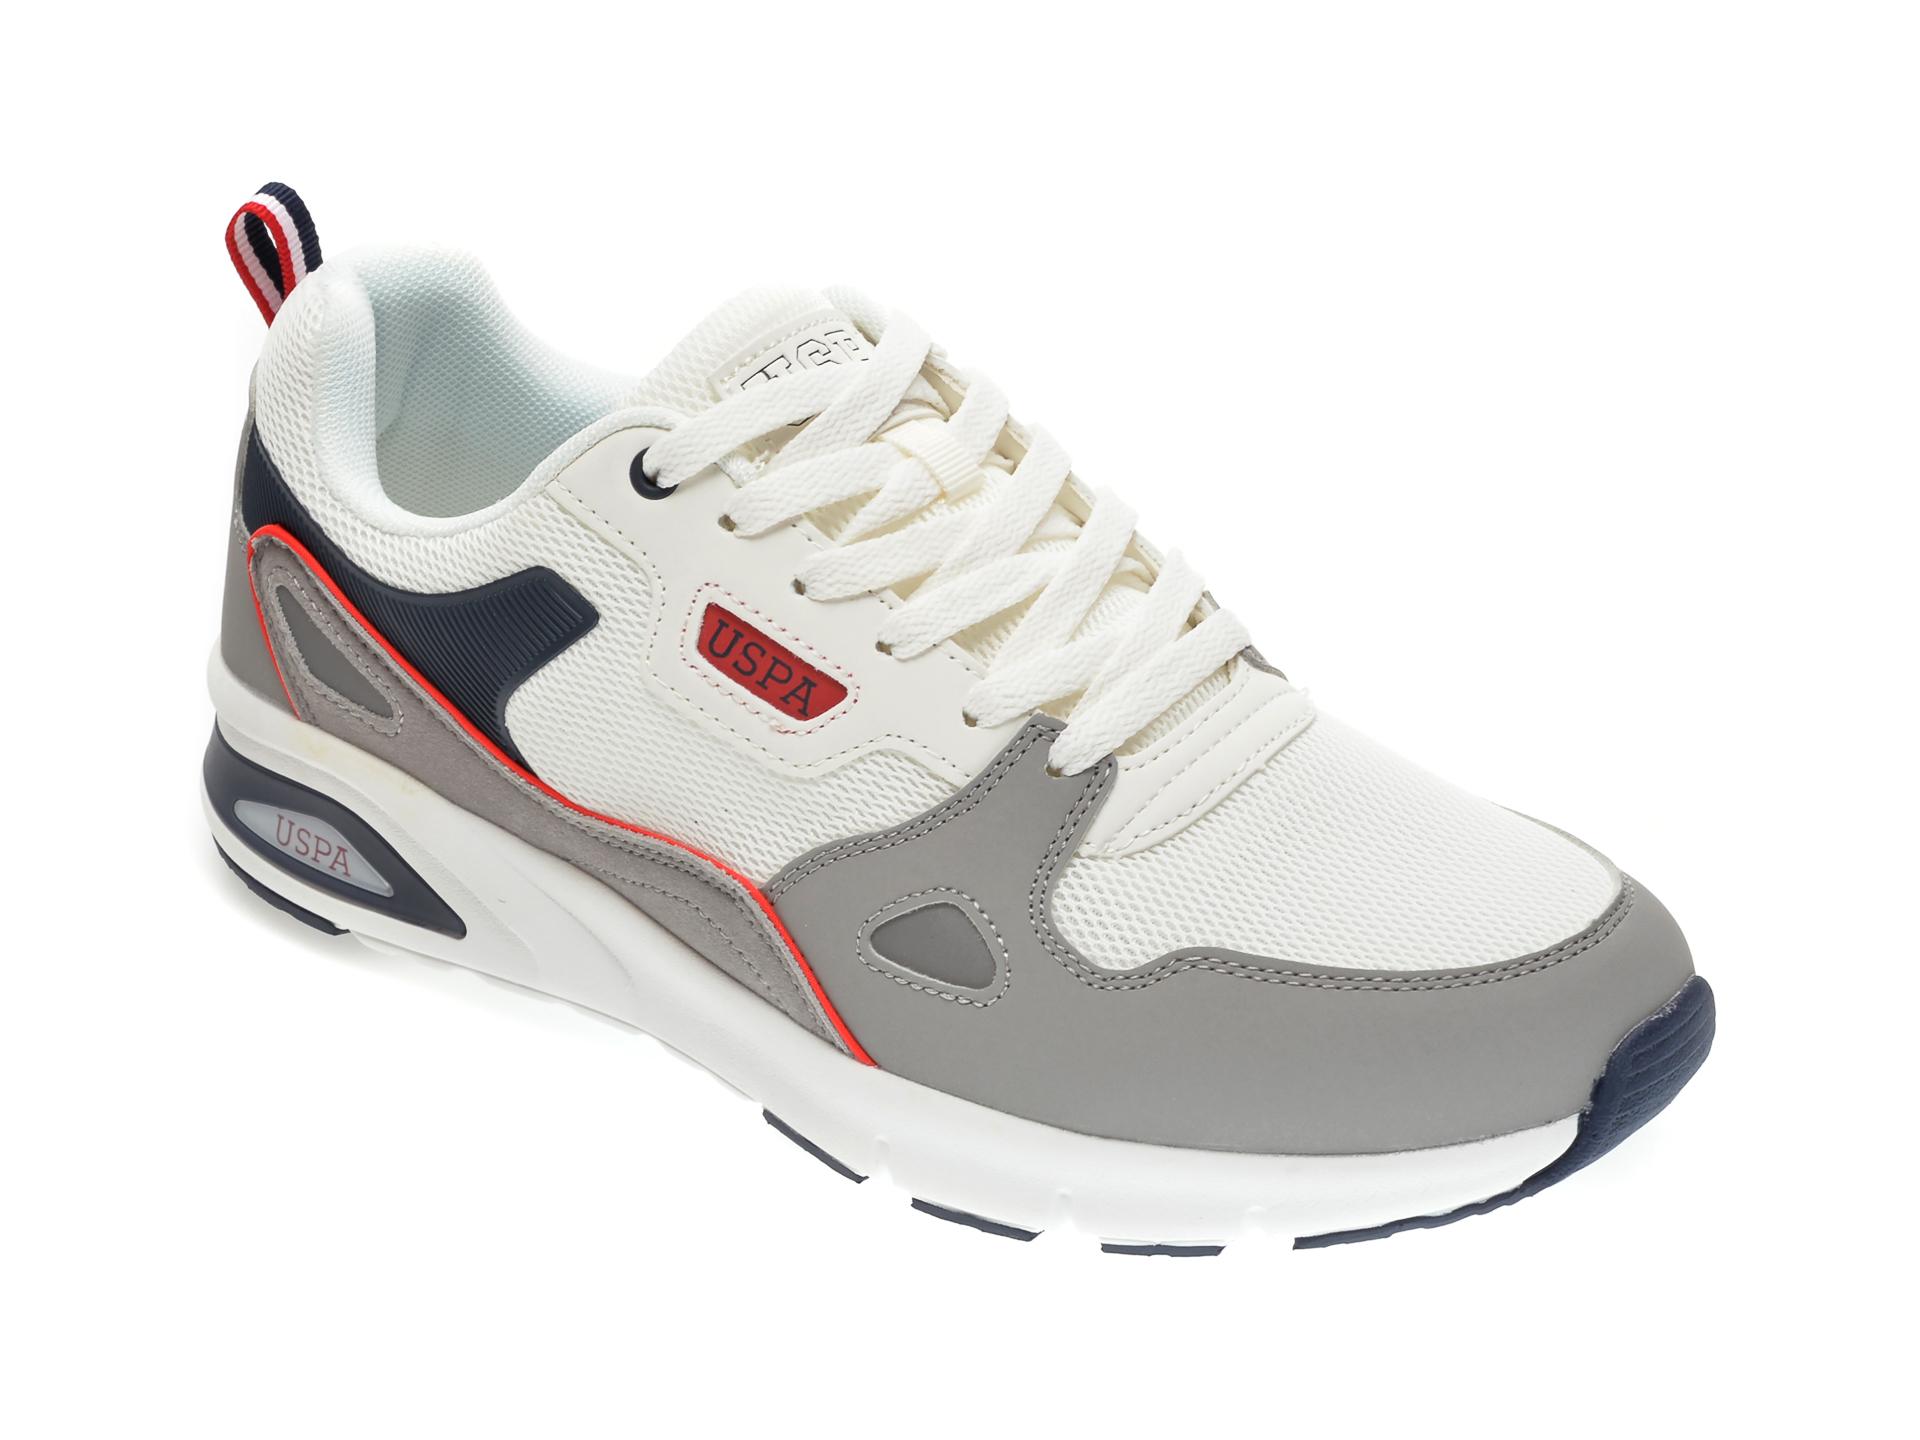 Pantofi sport US POLO ASSN albi, 489896, din piele ecologica imagine